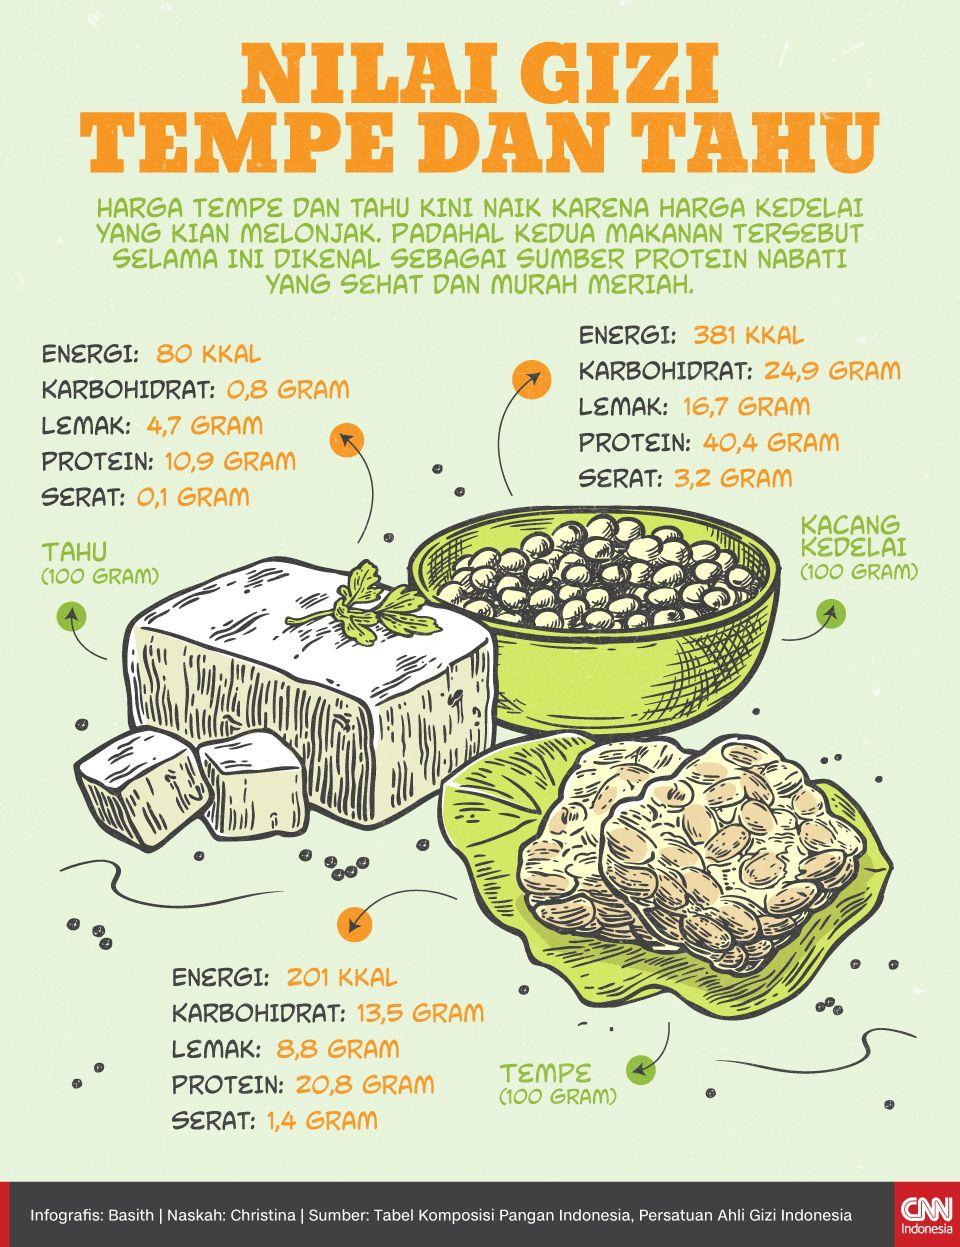 Infografis Nilai Gizi Tempe dan Tahu